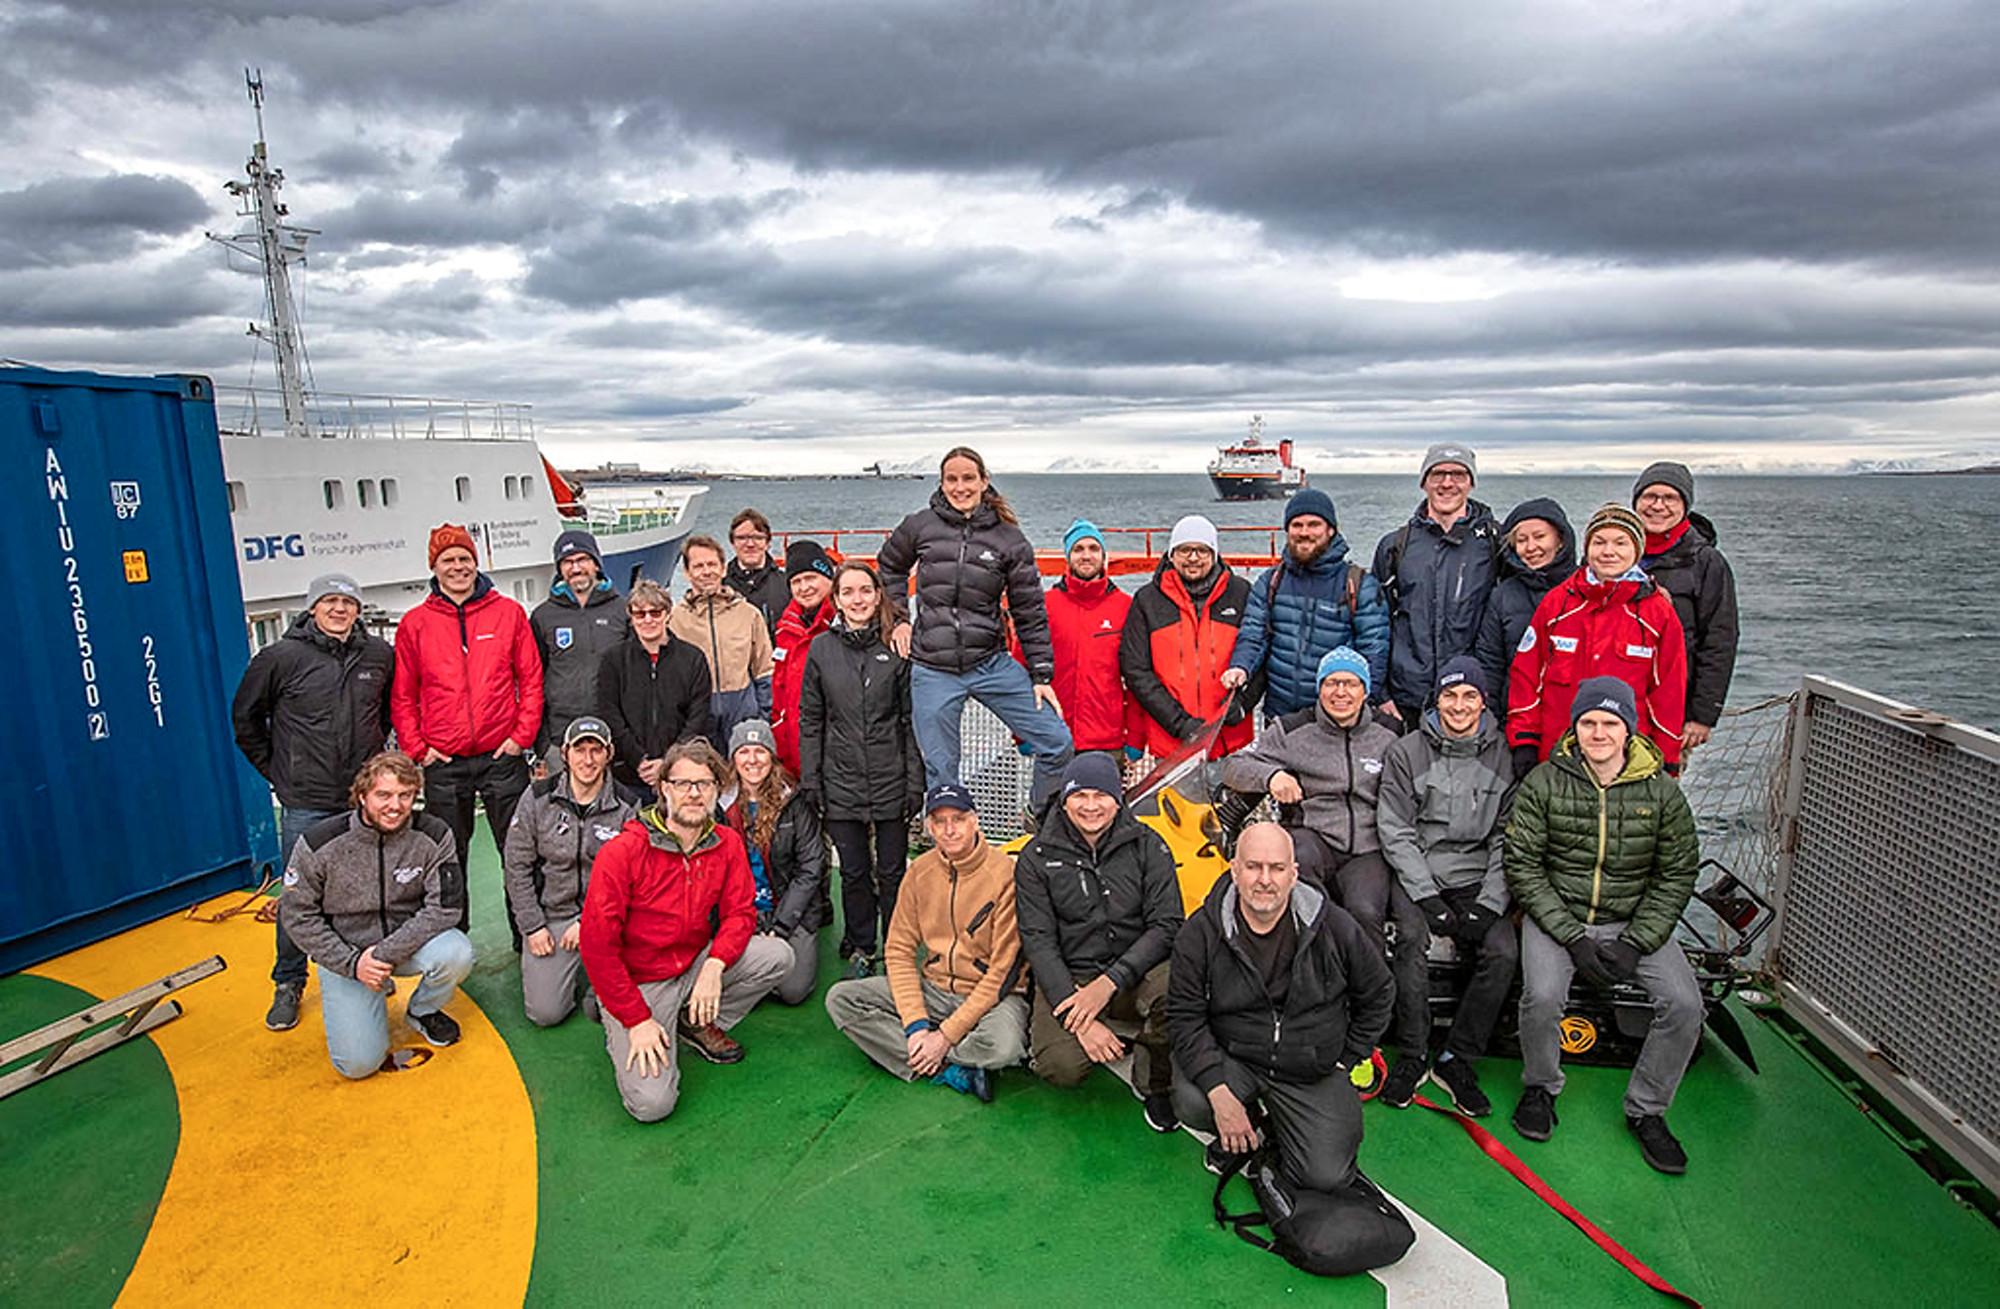 Das Team ATMOS während des Austauschs vor Spitzbergen. Im Fahrabschnitt IV kümmern sich 15 Forschende schwerpunktmäßig um die Untersuchung der Prozesse in der Atmosphäre, darunter zwei vom TROPOS und einer von der Universität Leipzig. Foto: Lianna Nixon, University of Colorado